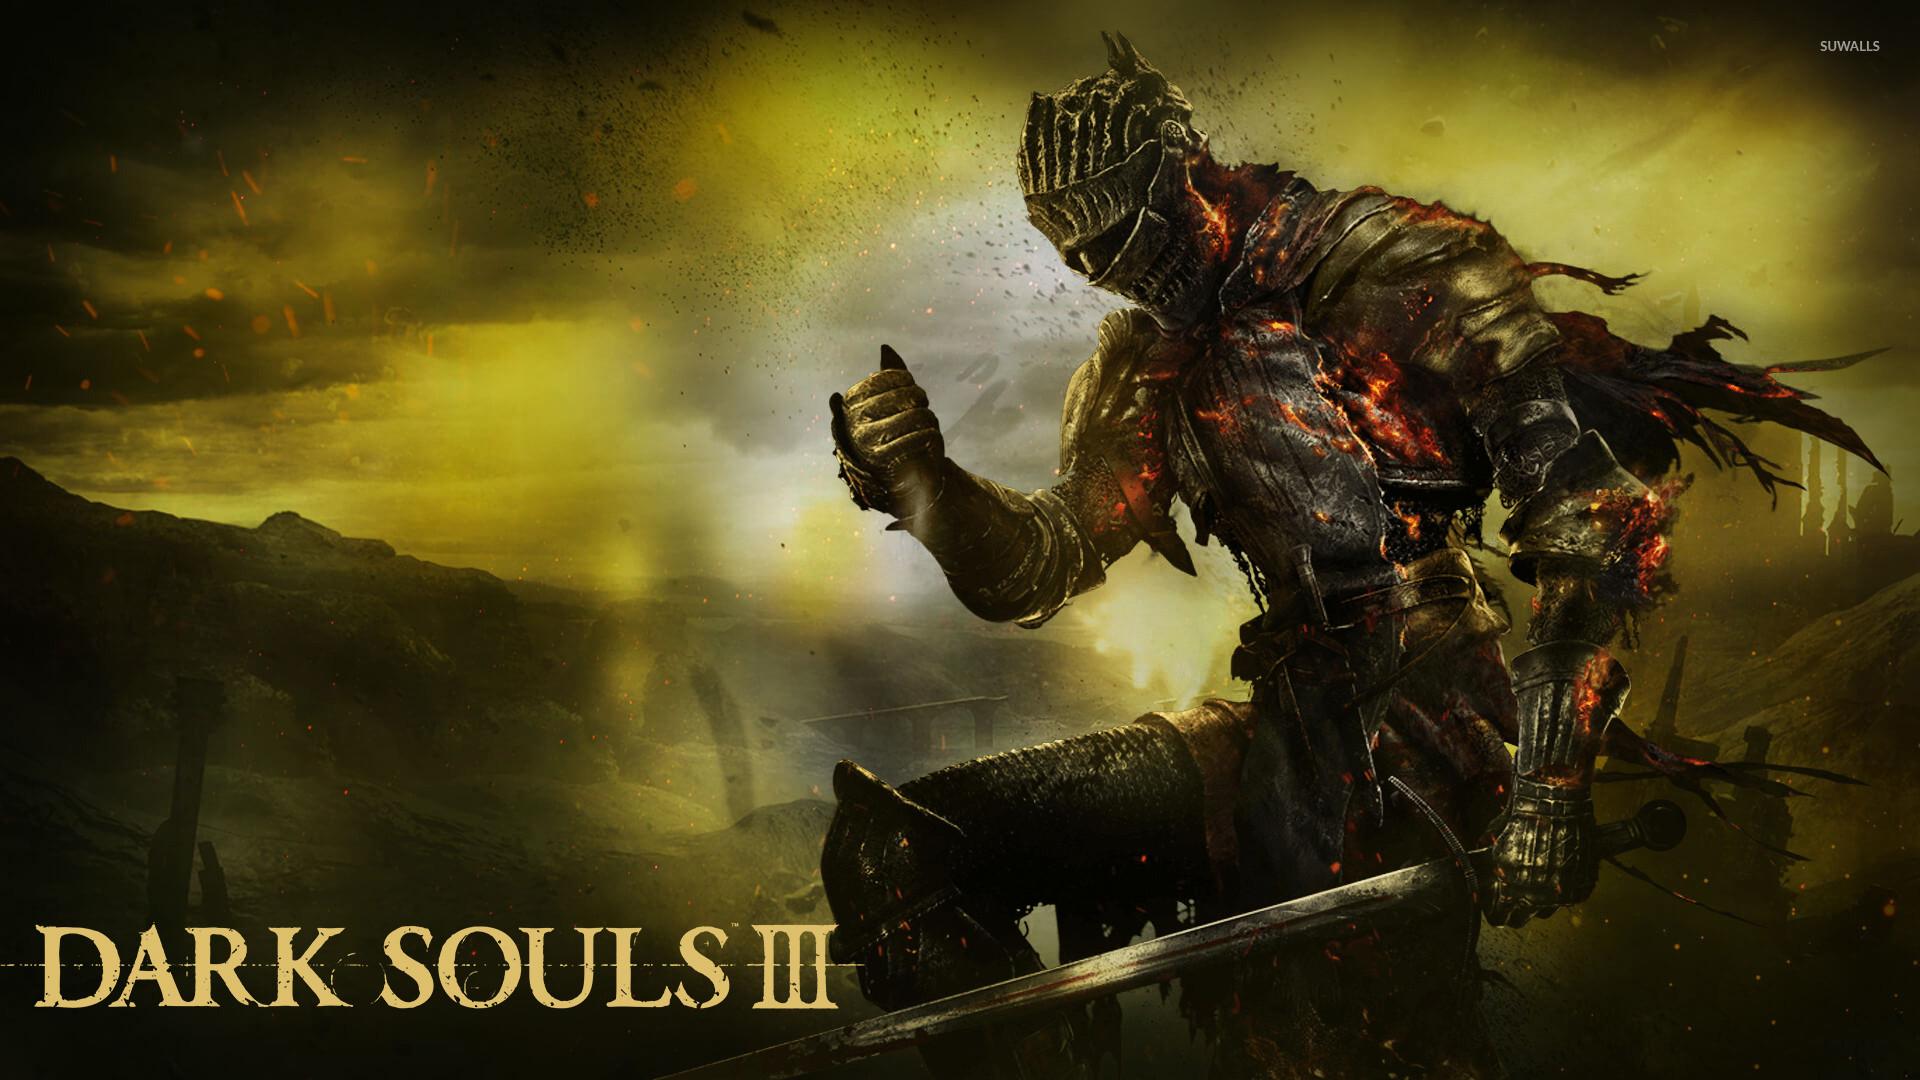 Knight on fire in Dark Souls III wallpaper jpg